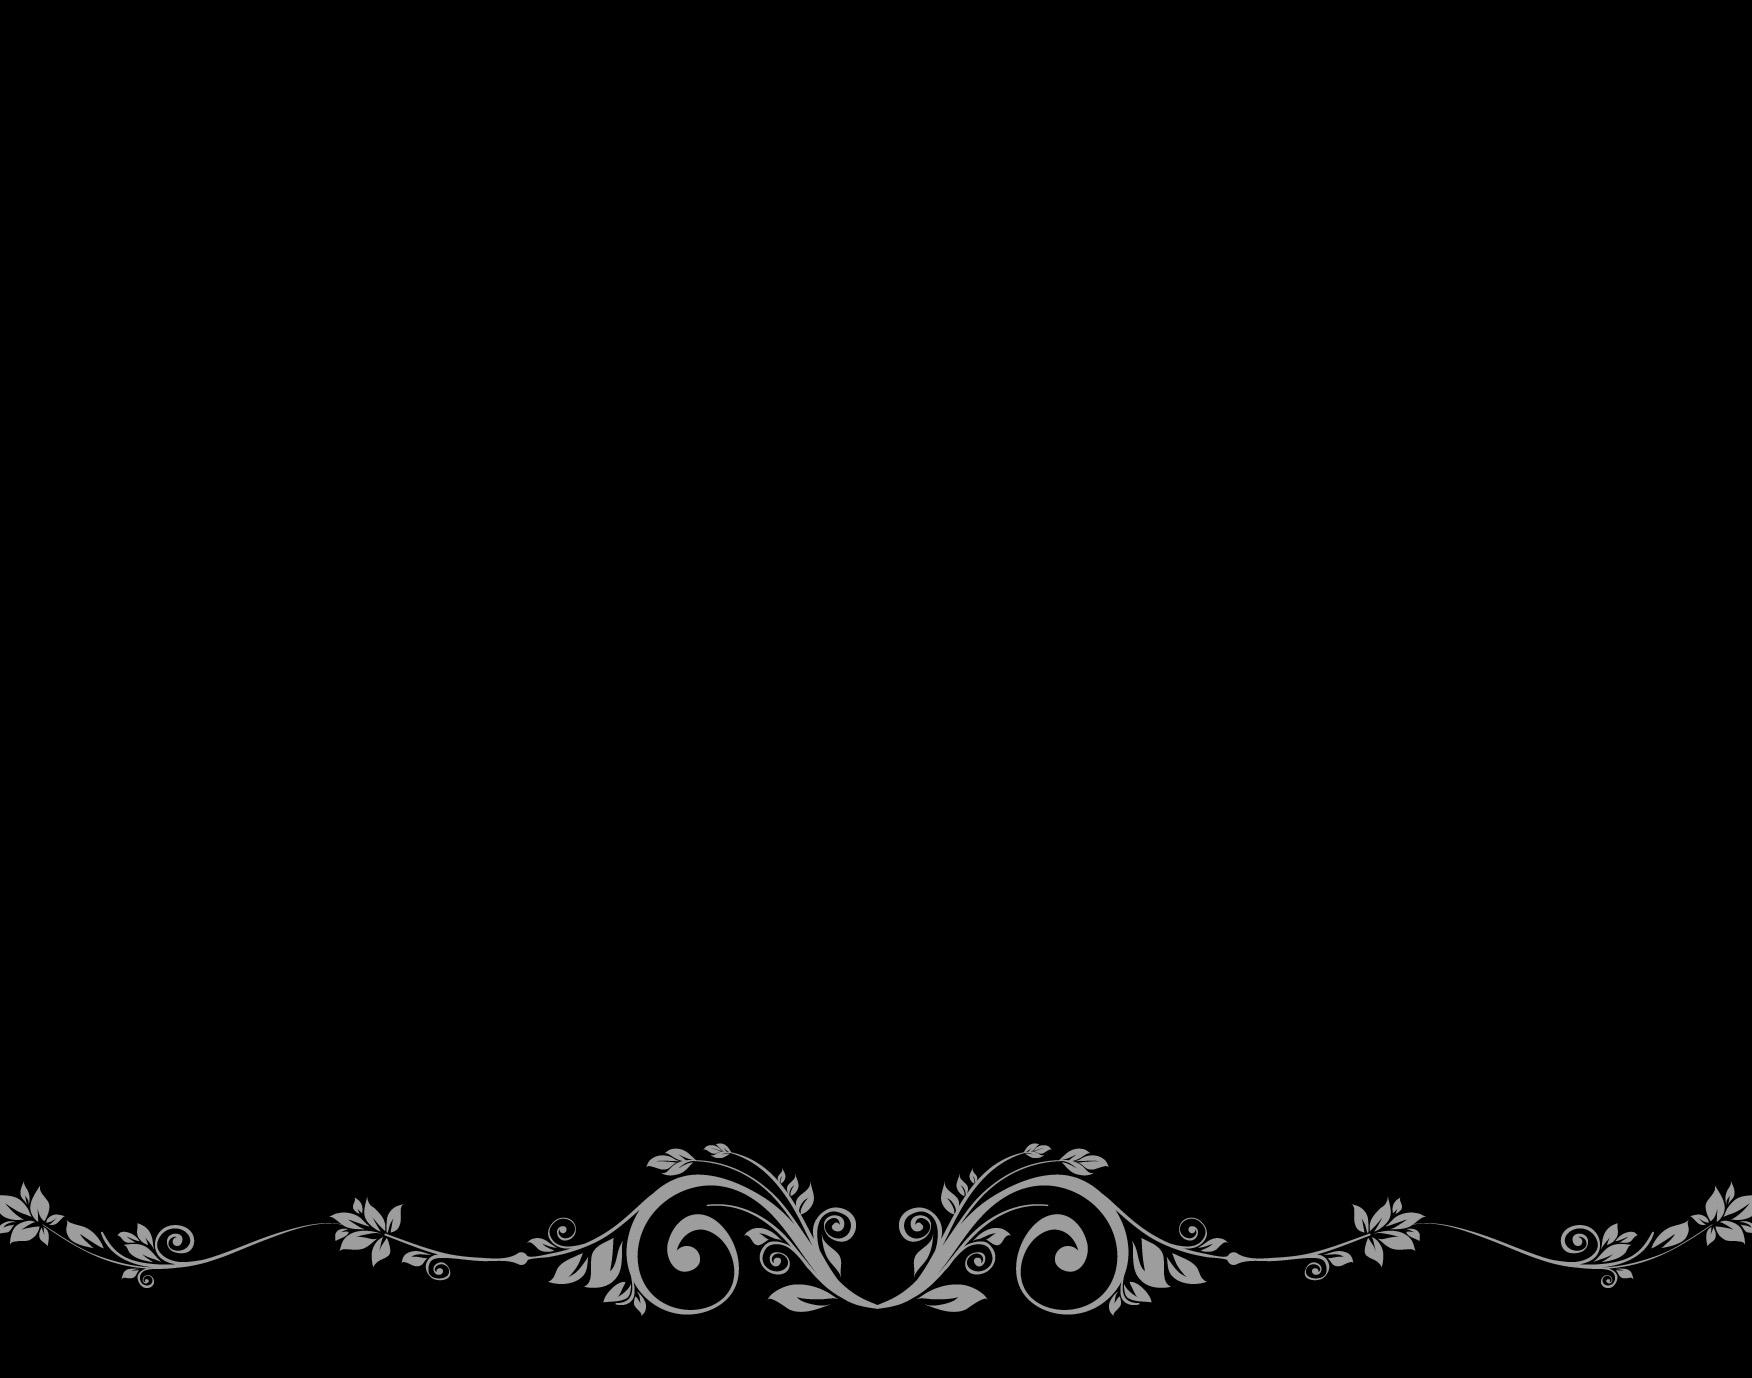 72+ Black Elegant Wallpaper on WallpaperSafari